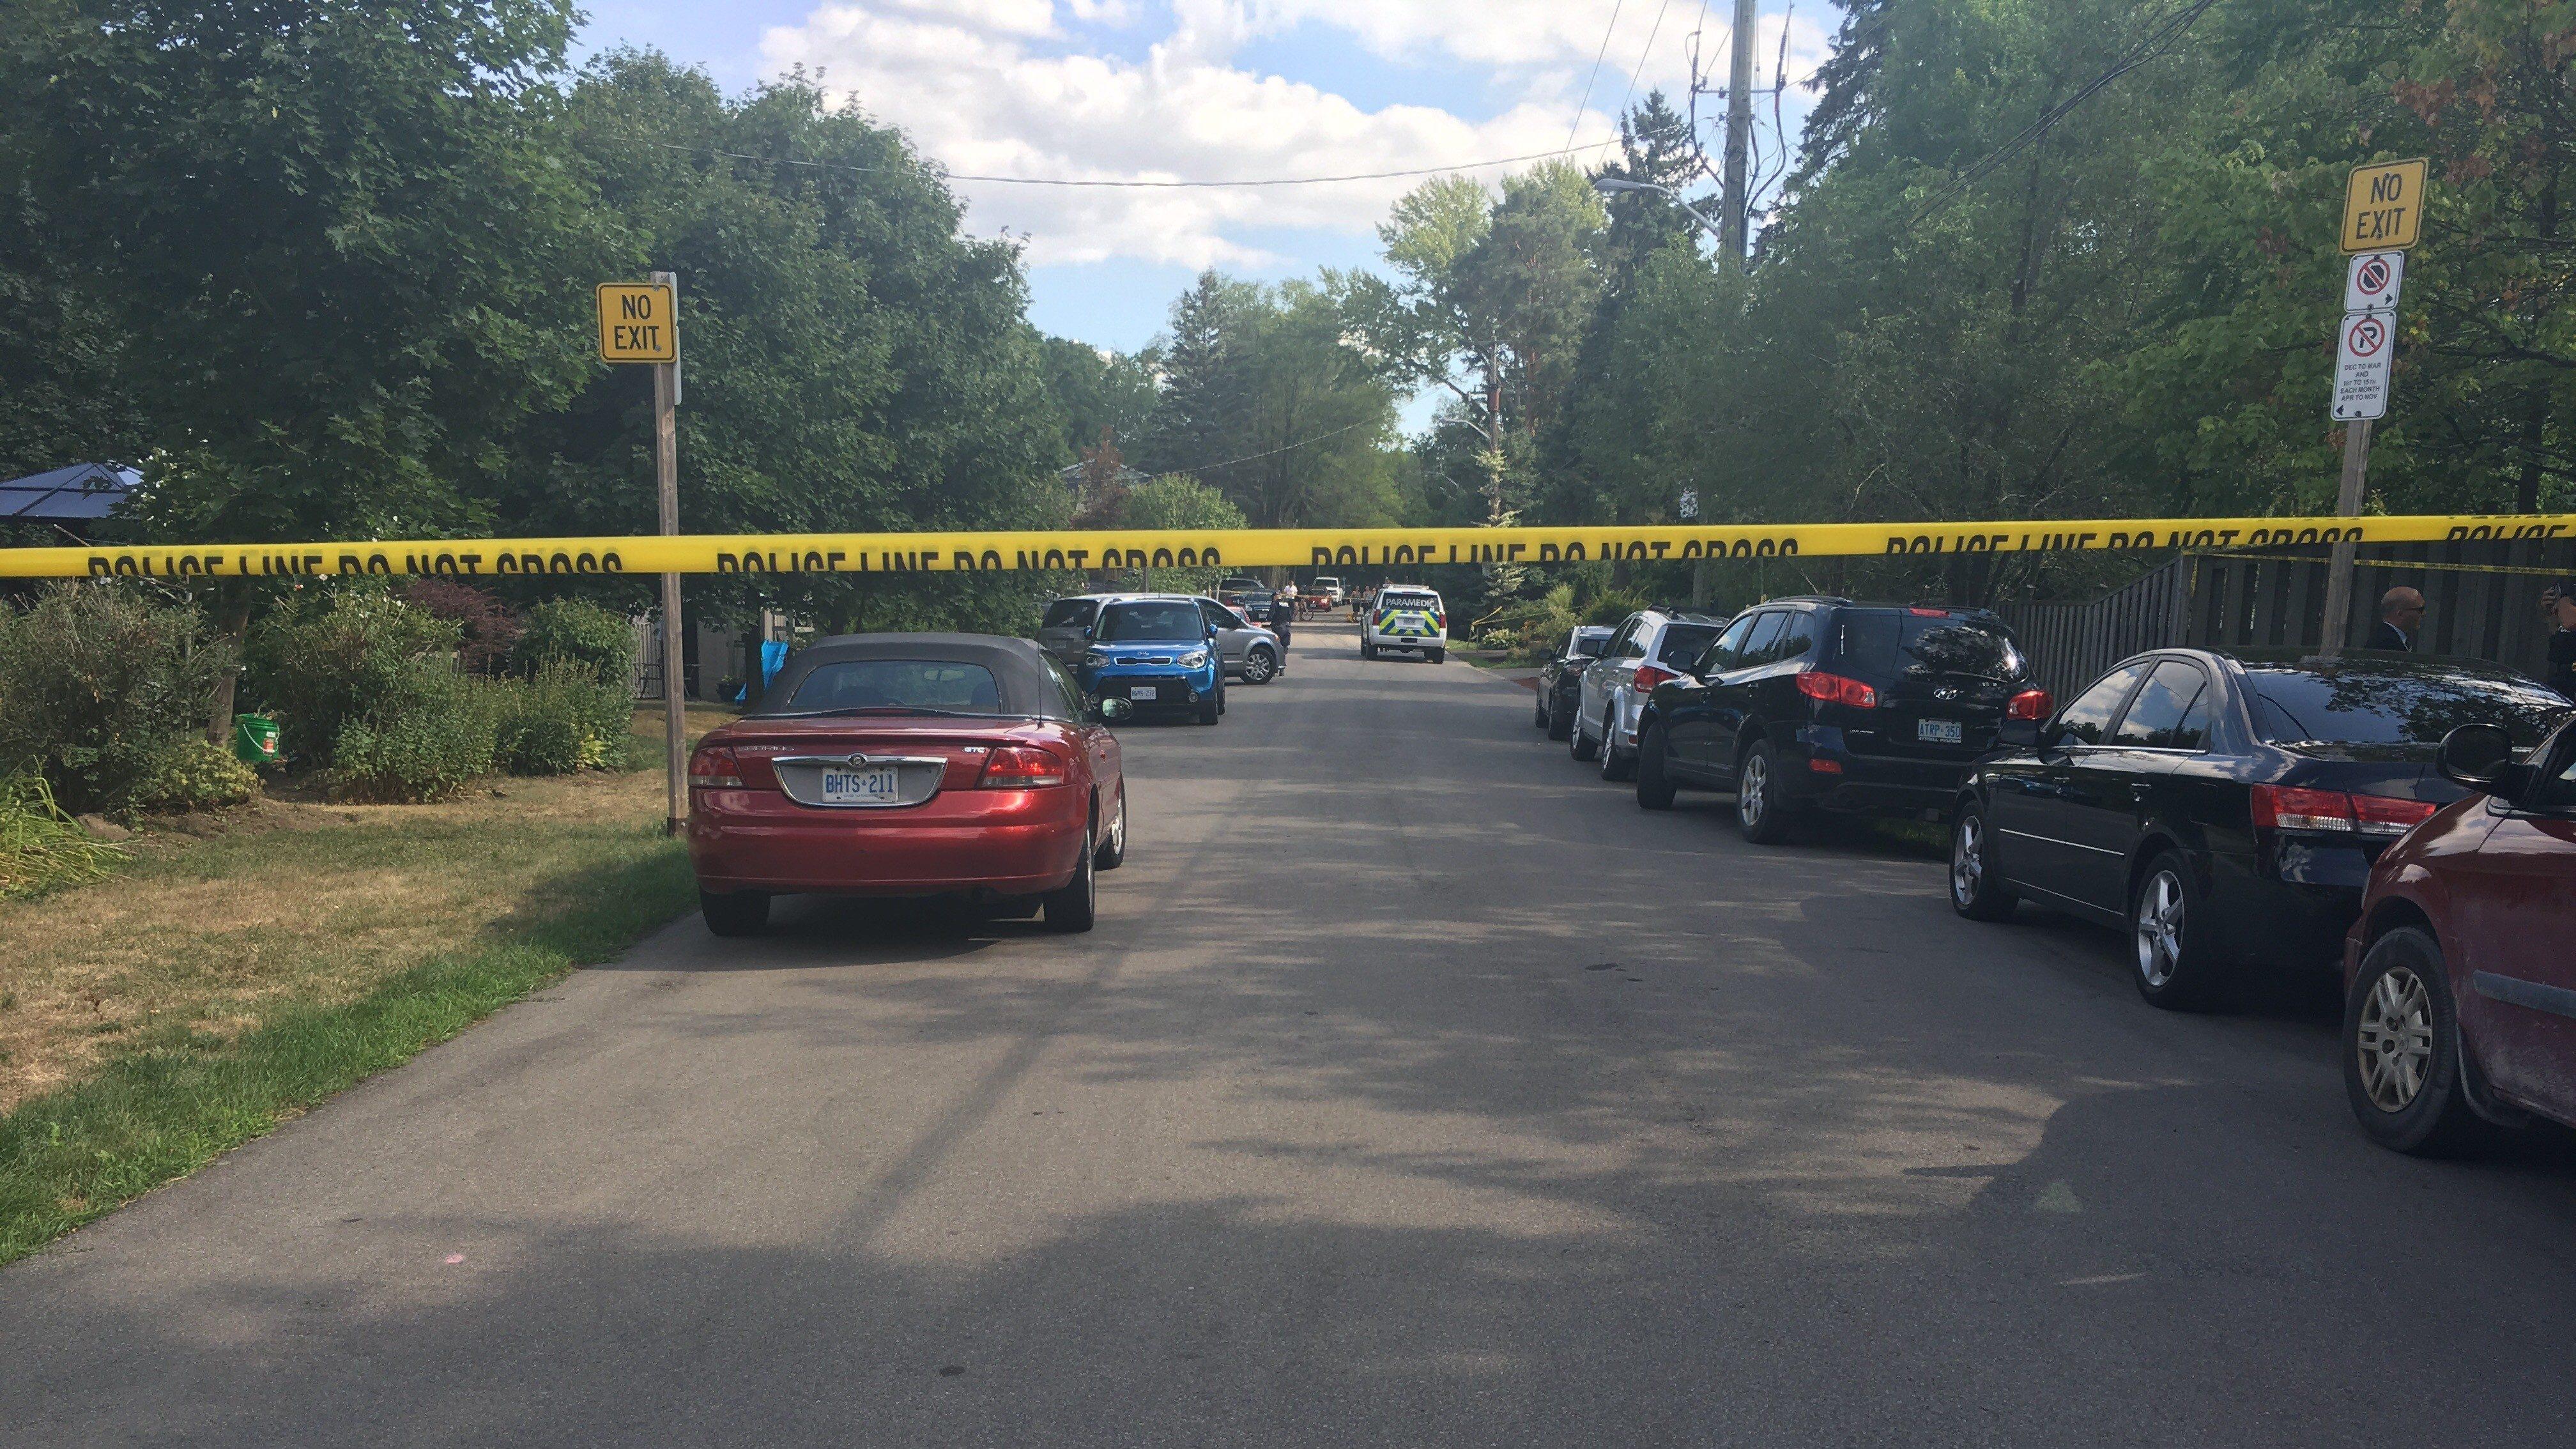 Photo of the scene of a police investigation at Sullivan's Lane in Hamilton. FAIZA AMIN/CITYNEWS.